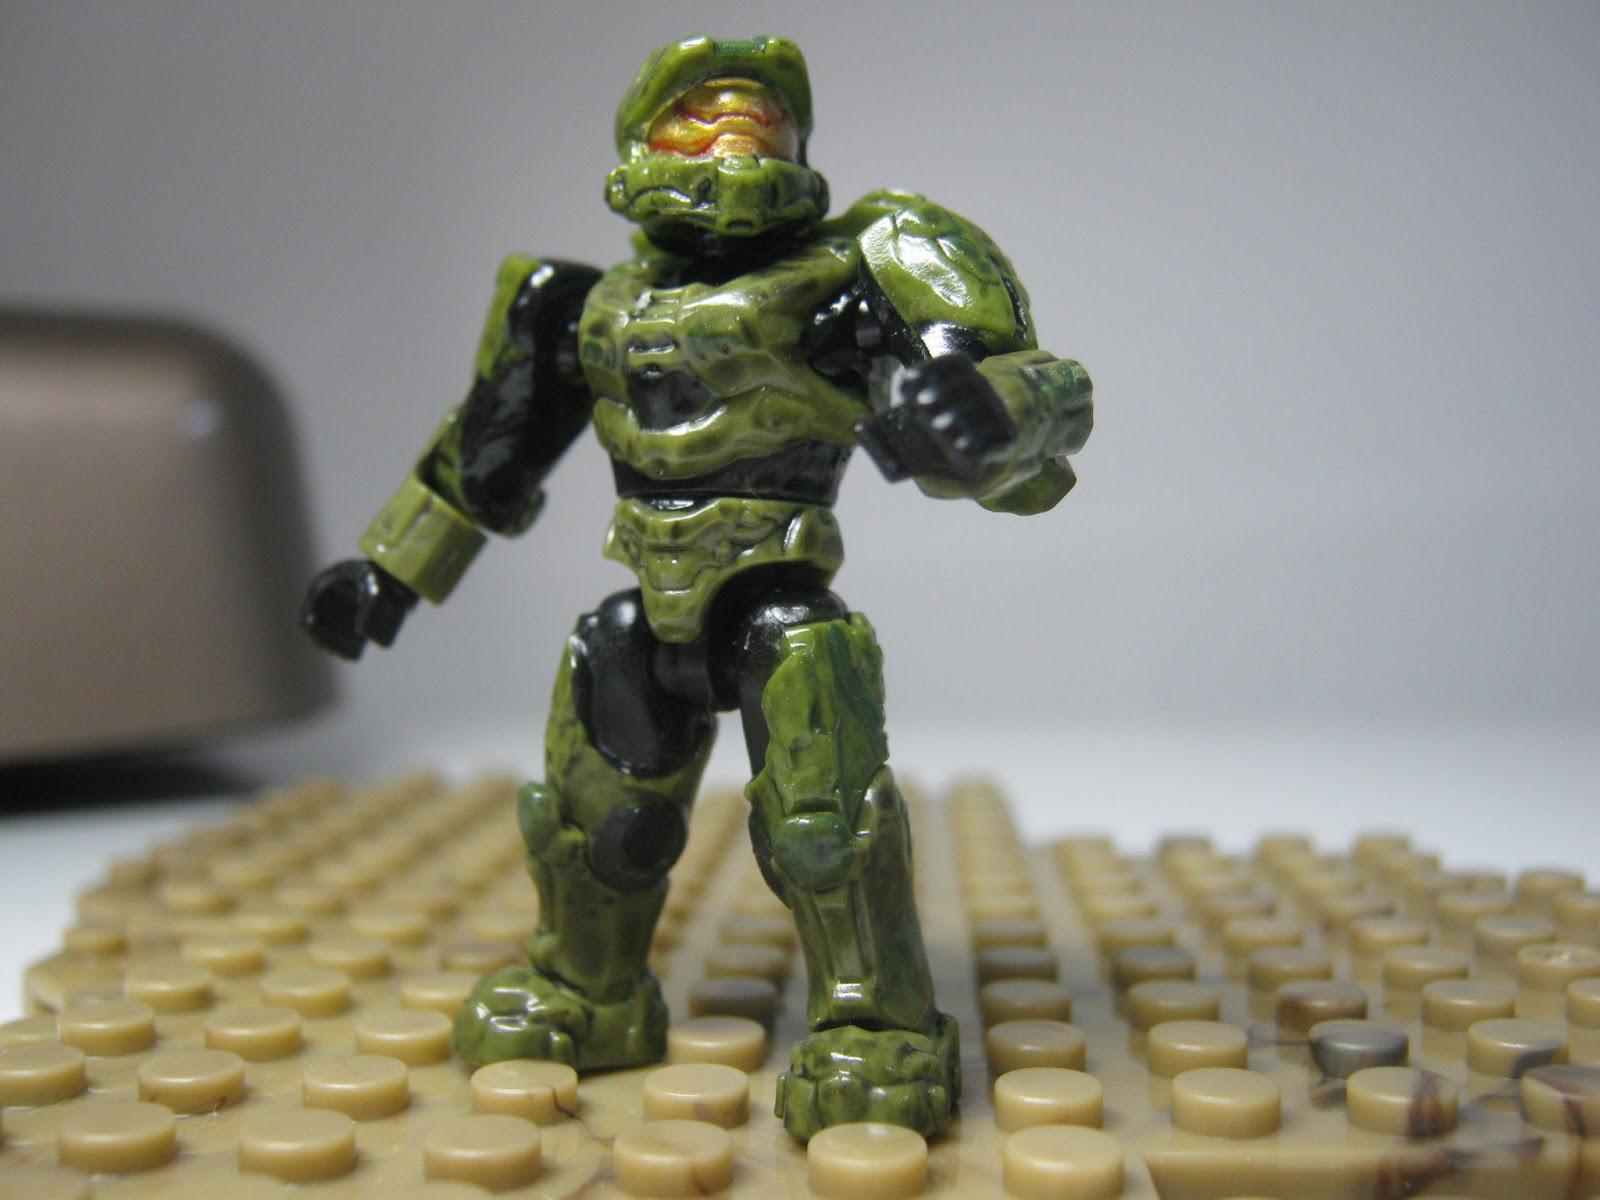 Mega Bloks Customs Custom Halo Figures